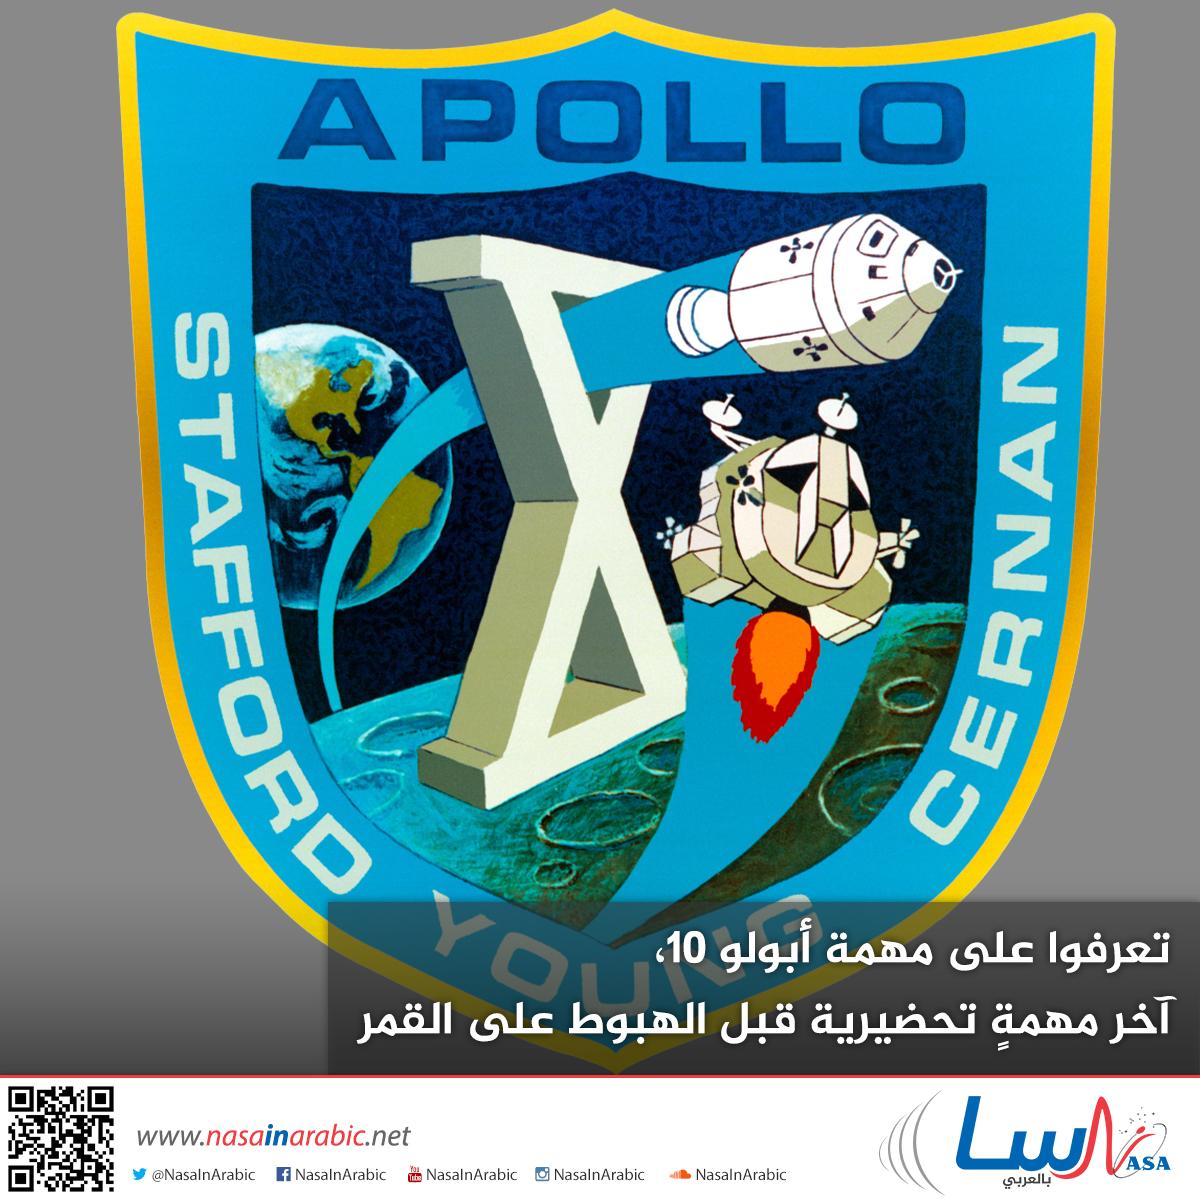 تعرفوا على مهمة أبولو 10، آخر مهمةٍ تحضيرية قبل الهبوط على القمر